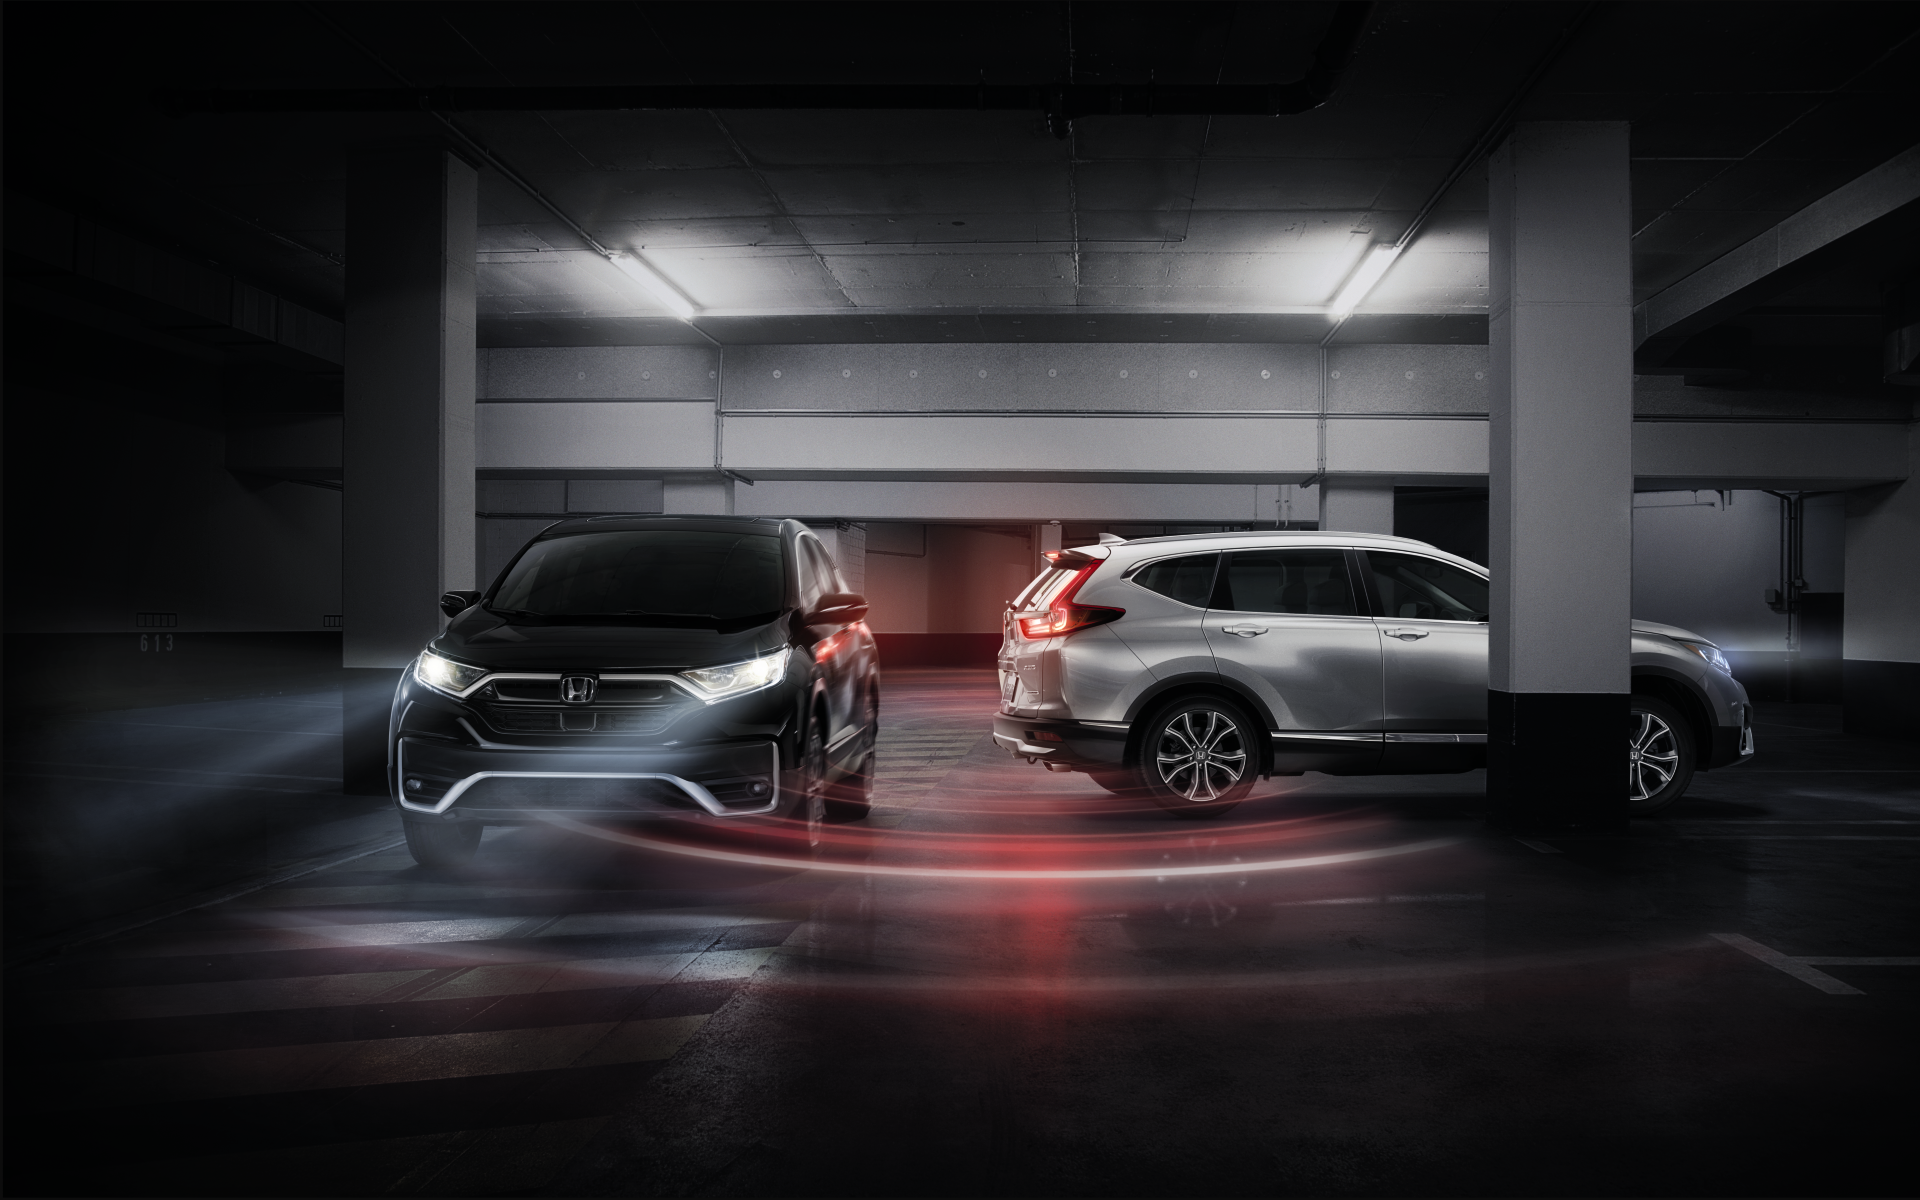 2020 Honda CR-V - Safety